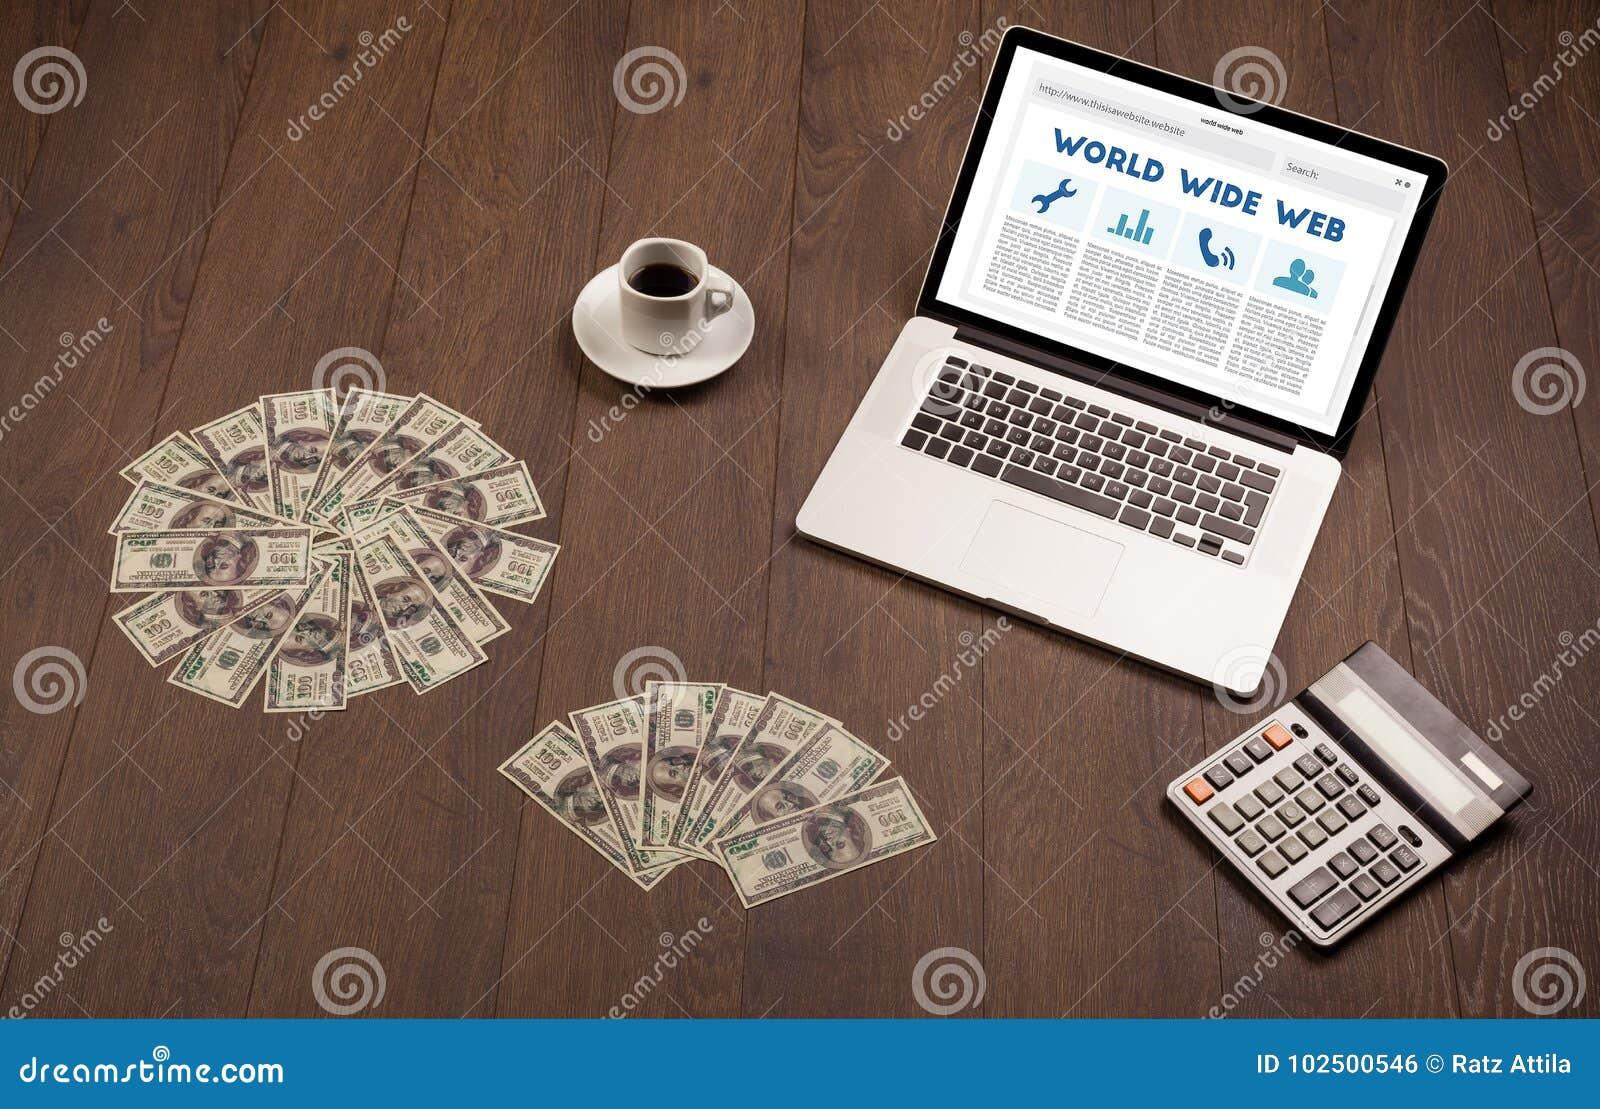 Laptop auf hölzernem Schreibtisch mit Büro suplies